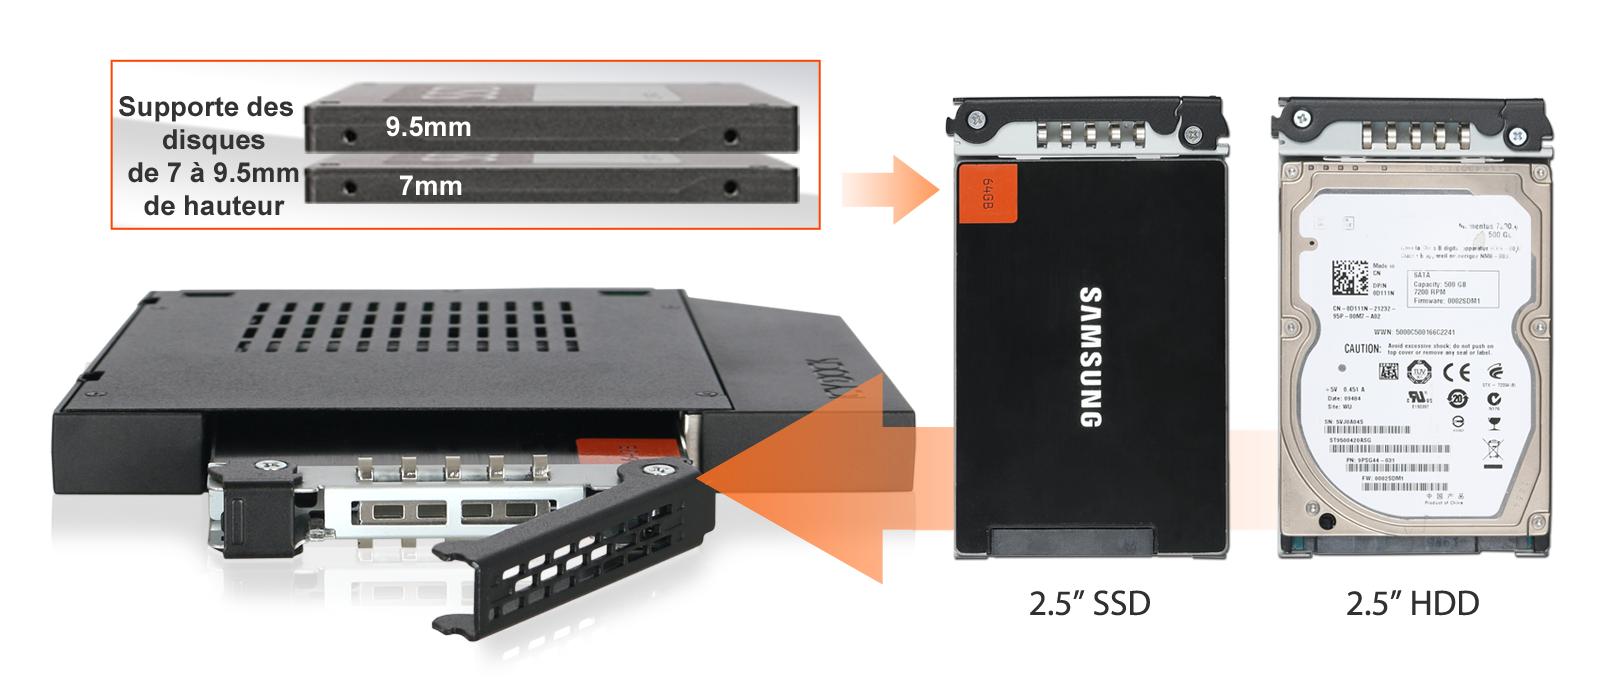 Photo des différents disques compatibles avec le MB411SPO-1B (SSD 2.5 pouces et HDD 2.5 pouces de 7mm à 9.5mm de hauteur)